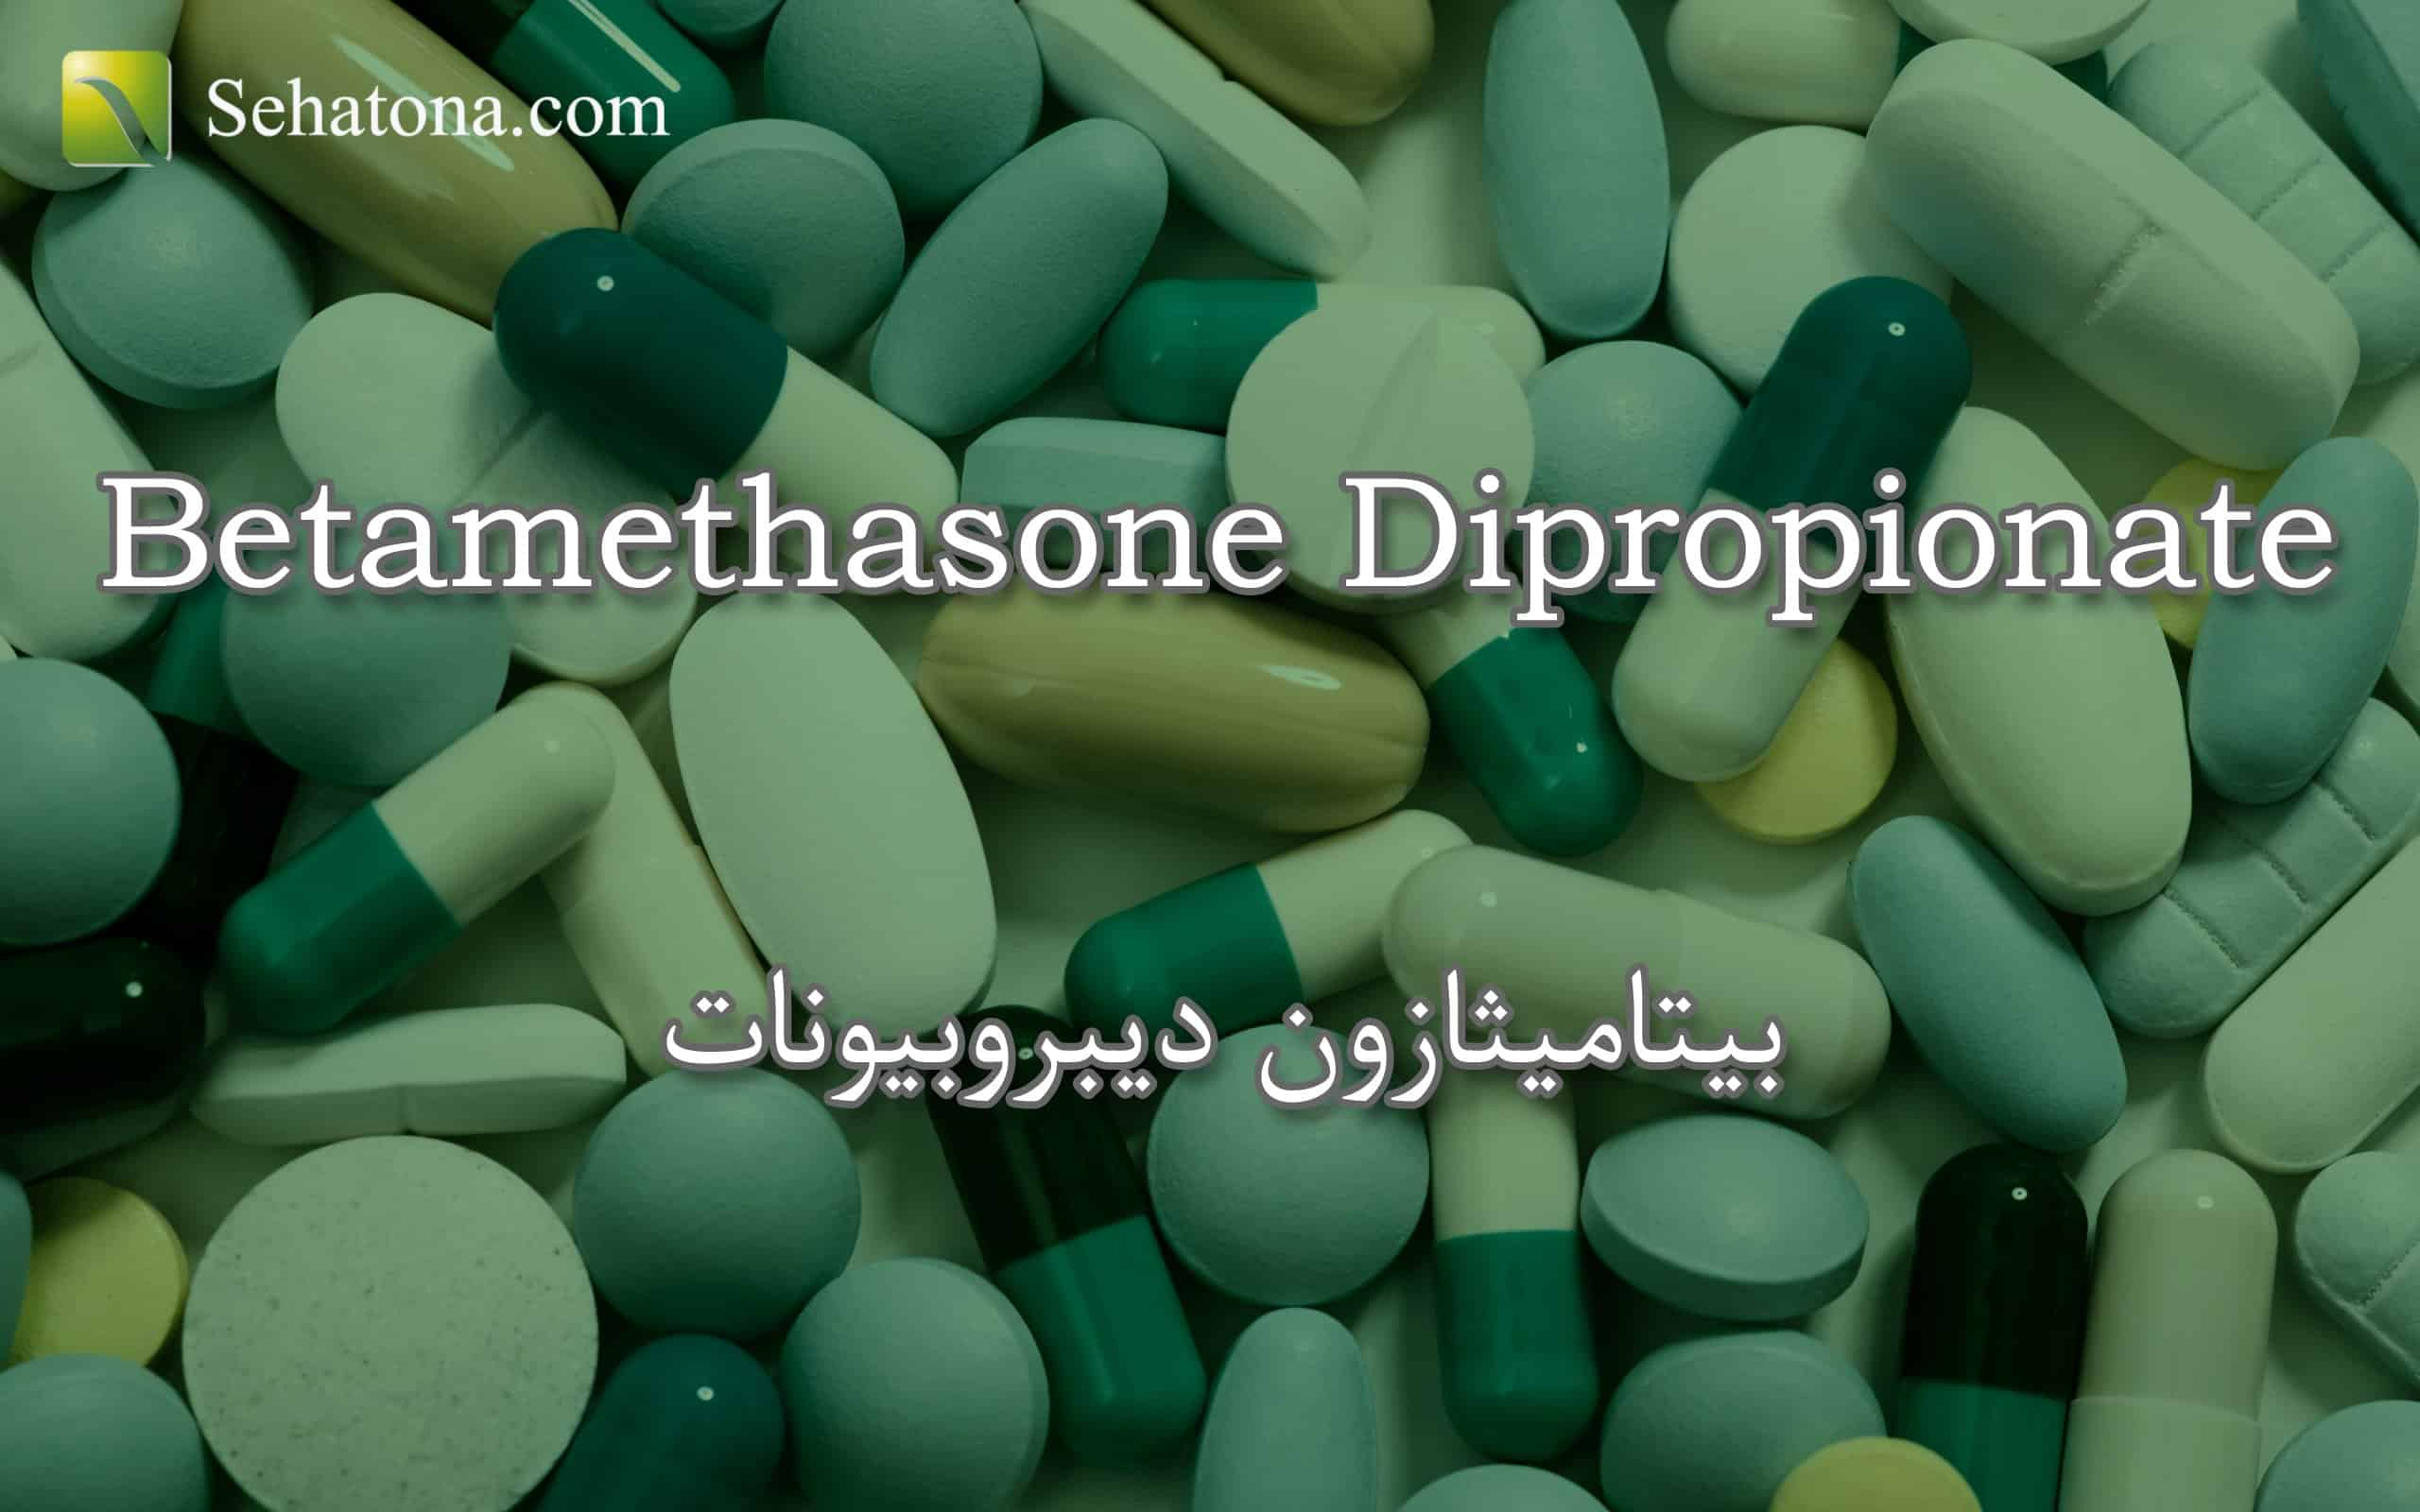 betamethasone-dipropionate